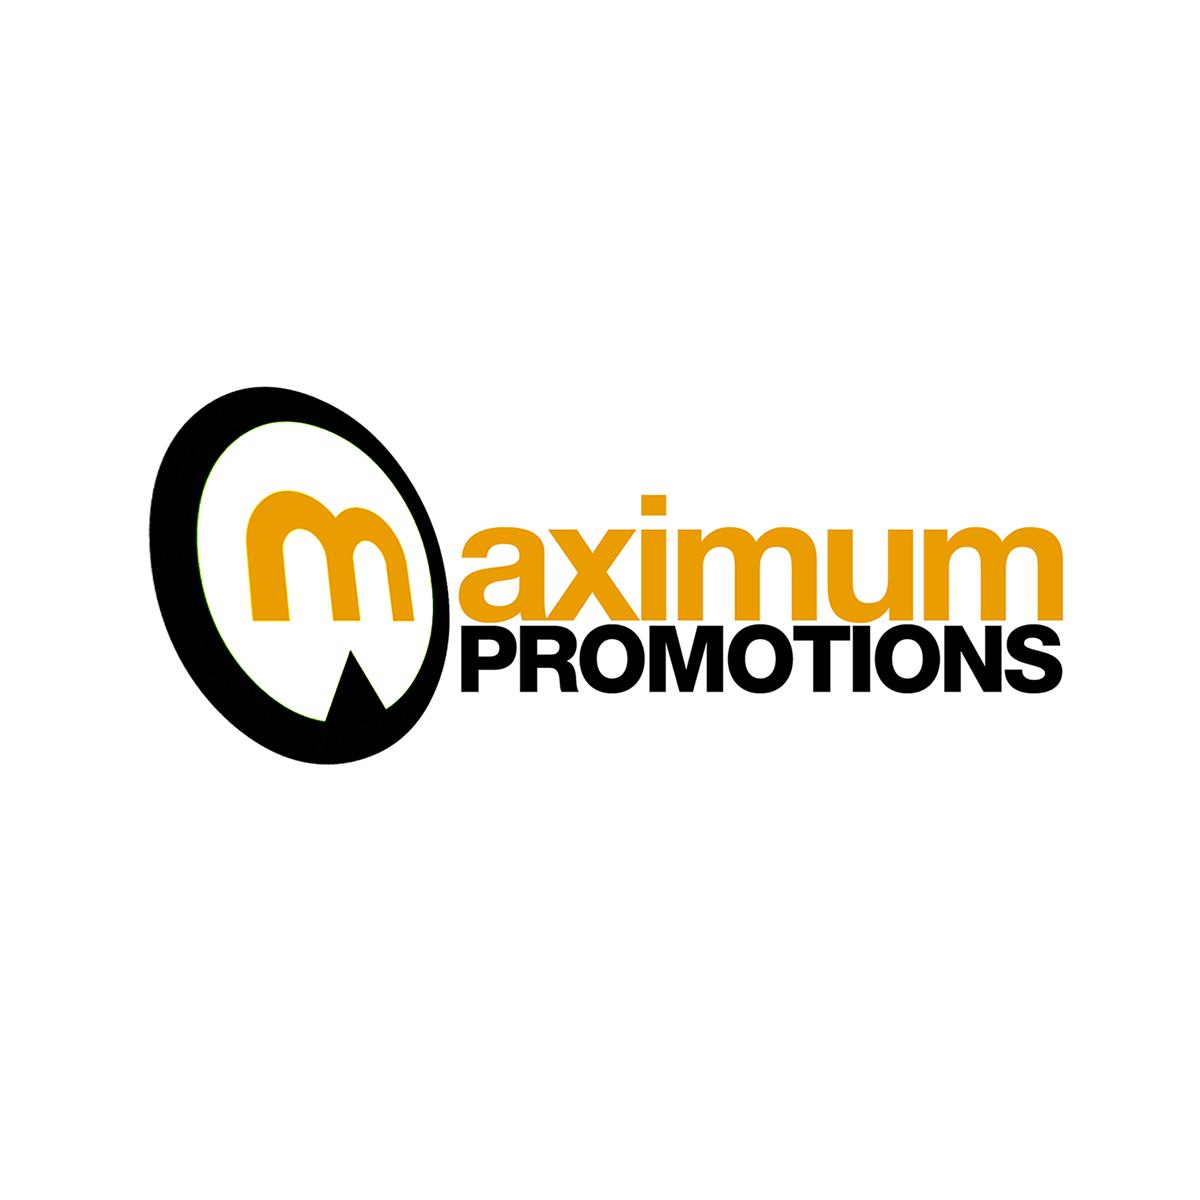 Maximum Promotions